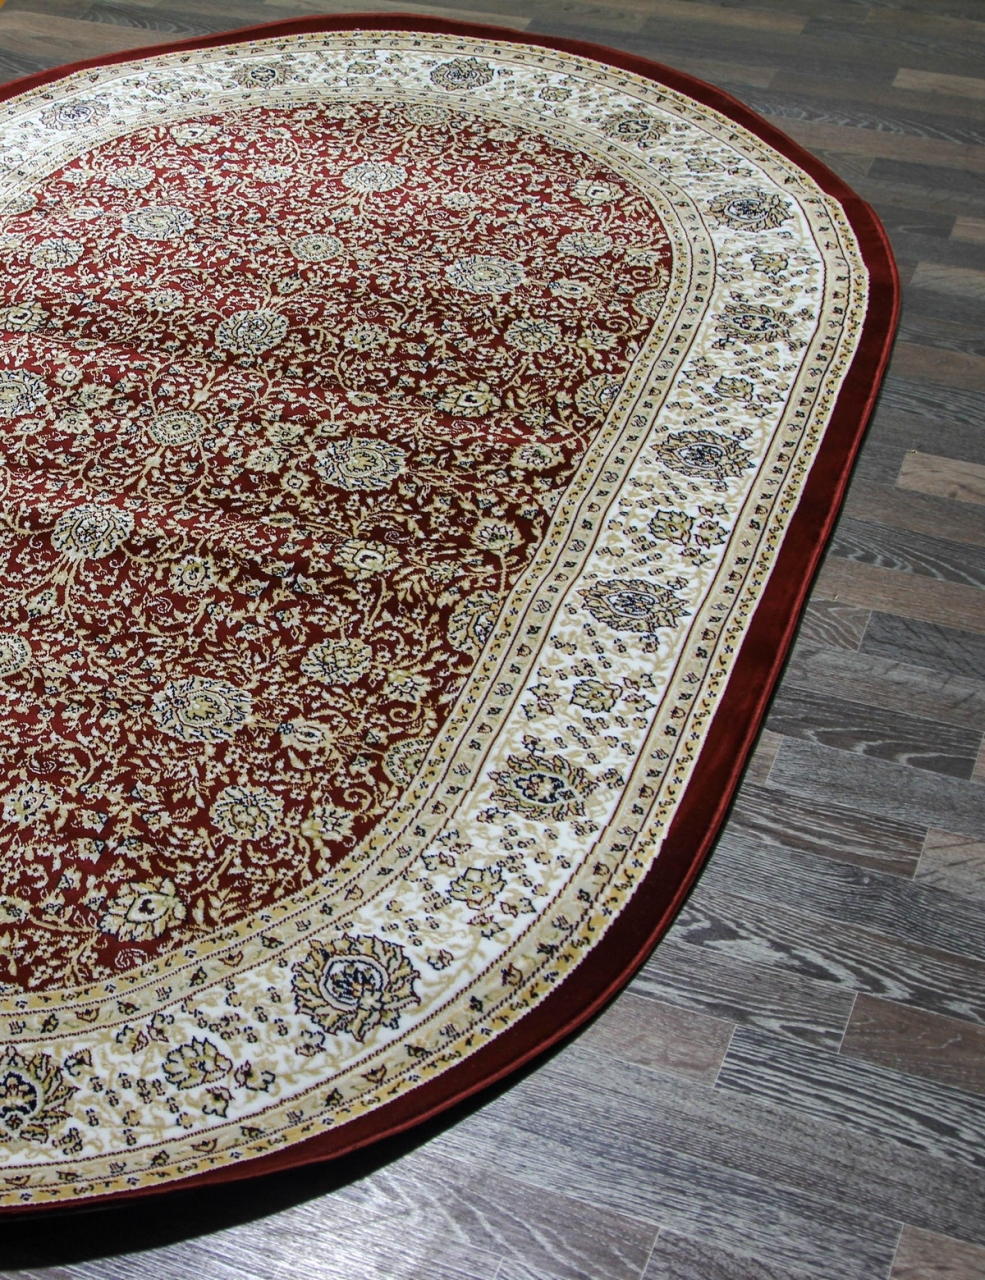 Ковер 12470 - 010 - Овал - коллекция HORASAN - фото 3